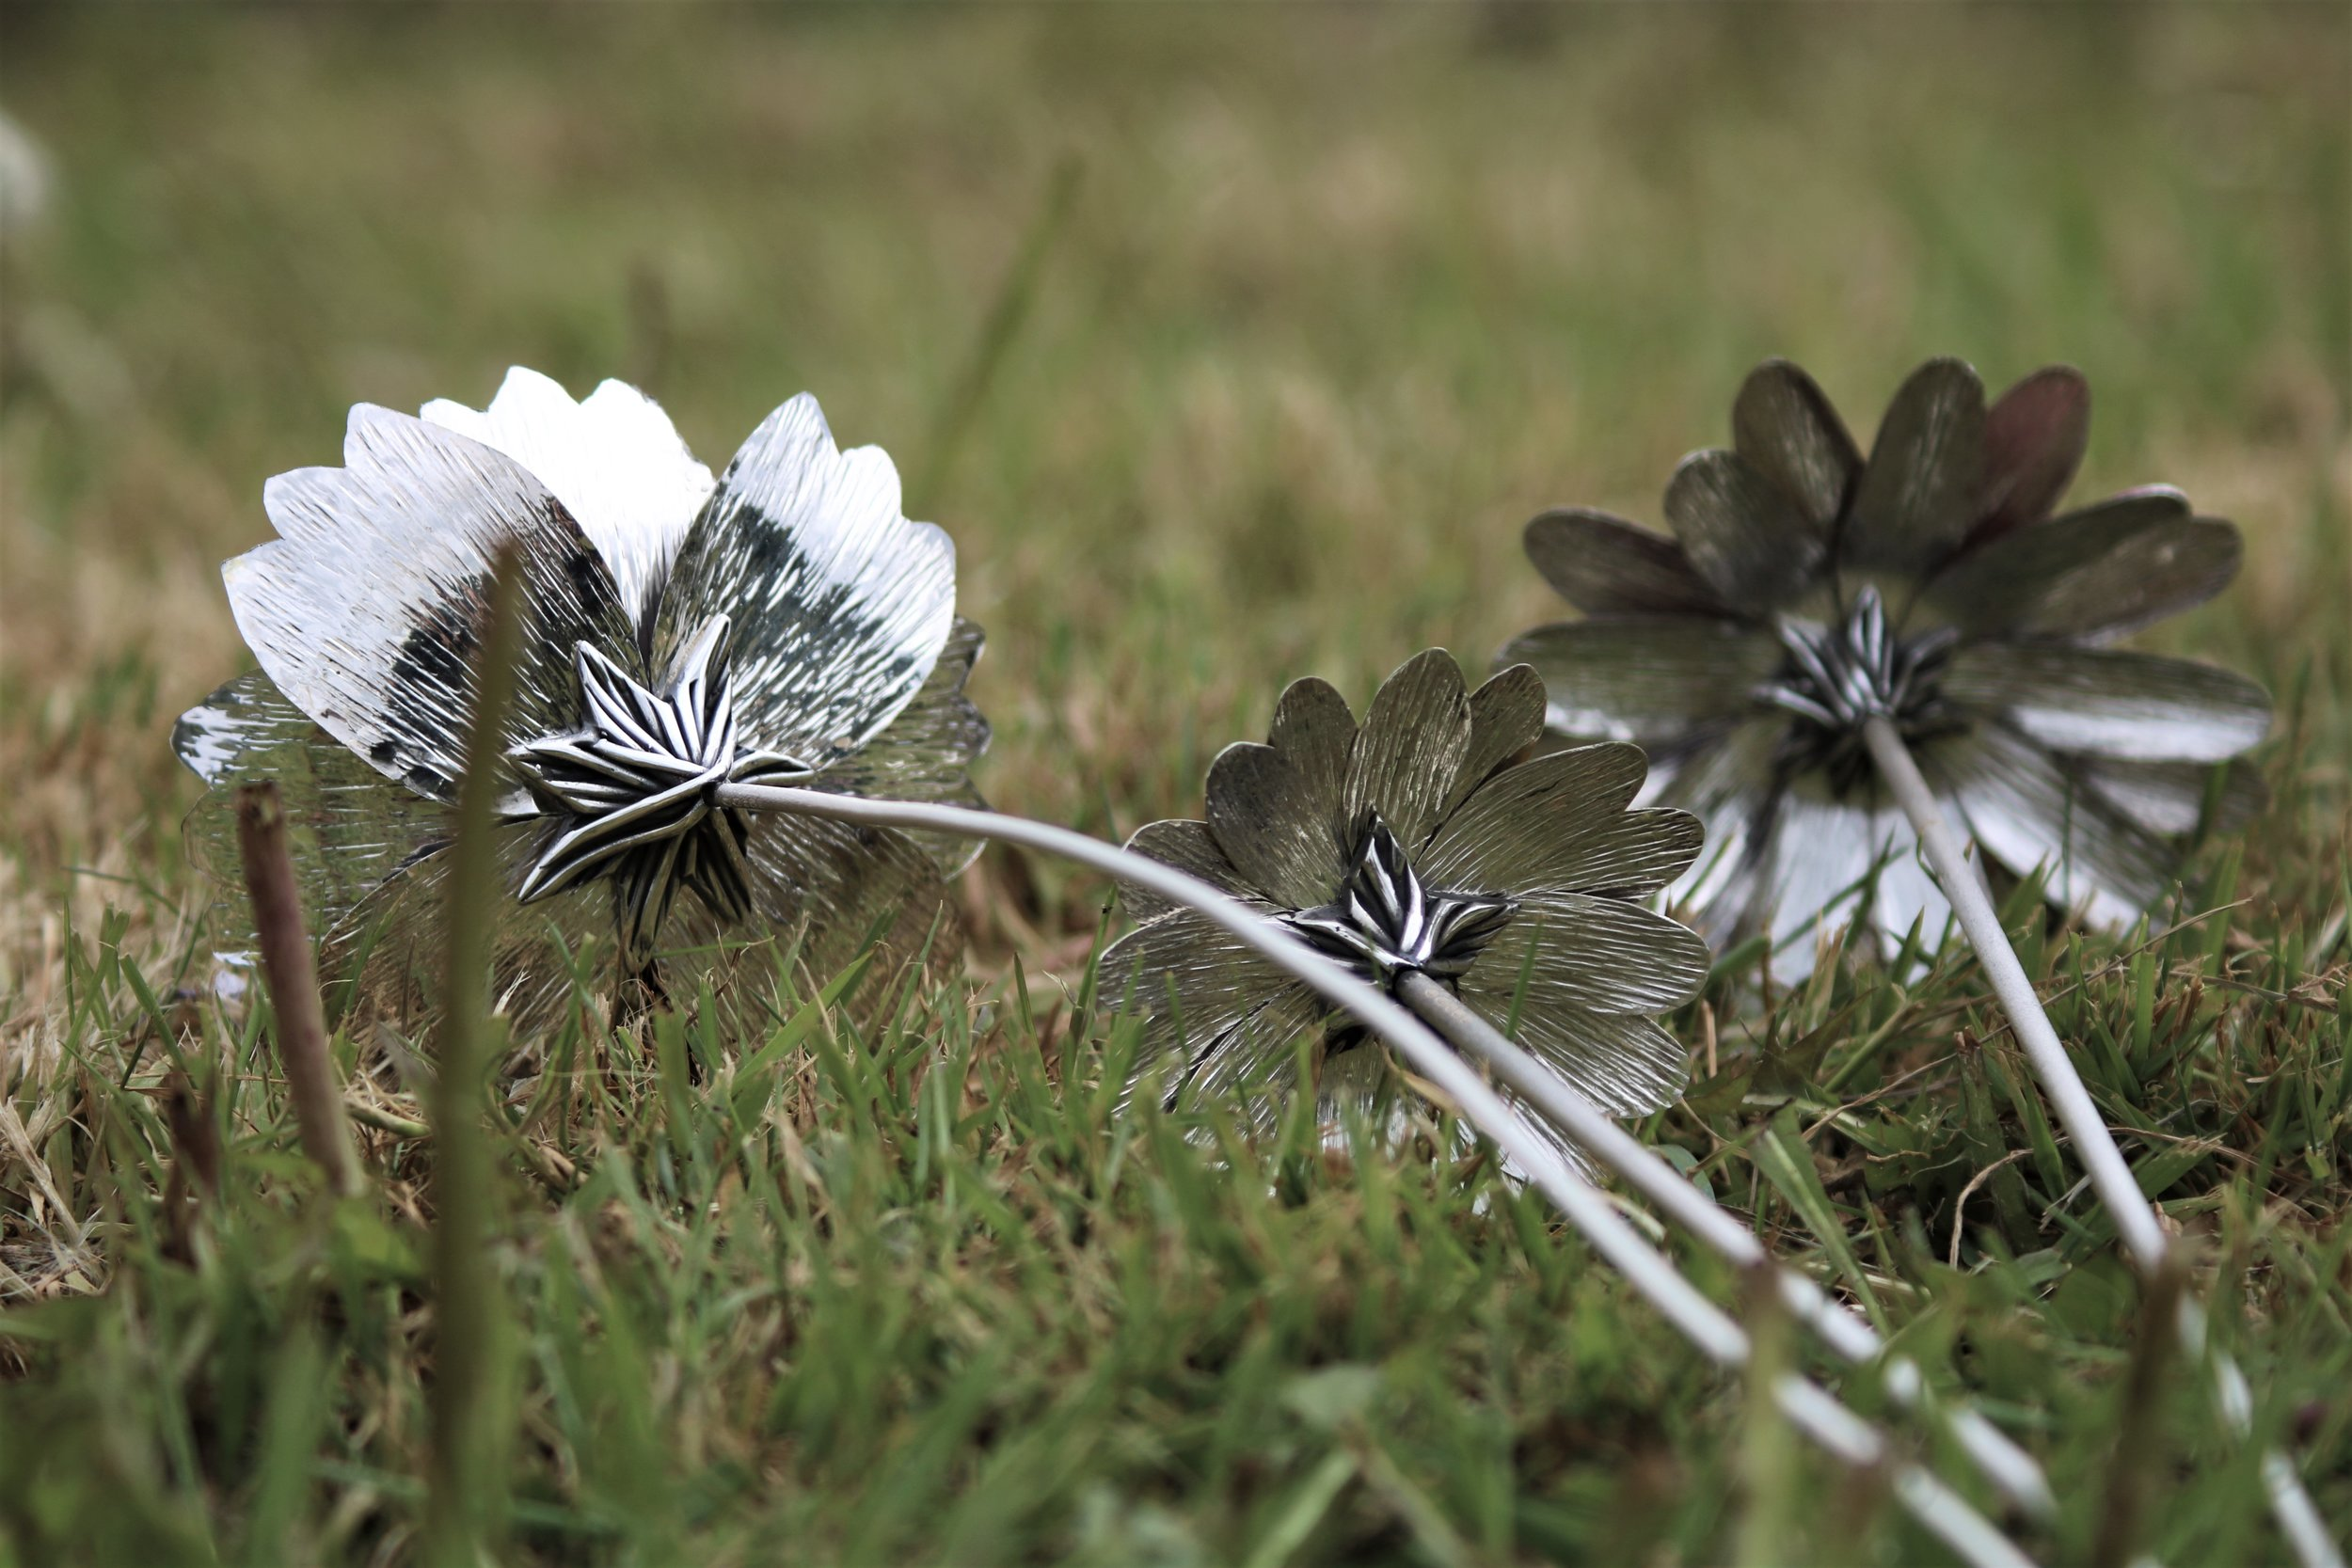 Silver Patinated Cosmos, Rudbeckia & Echinacea